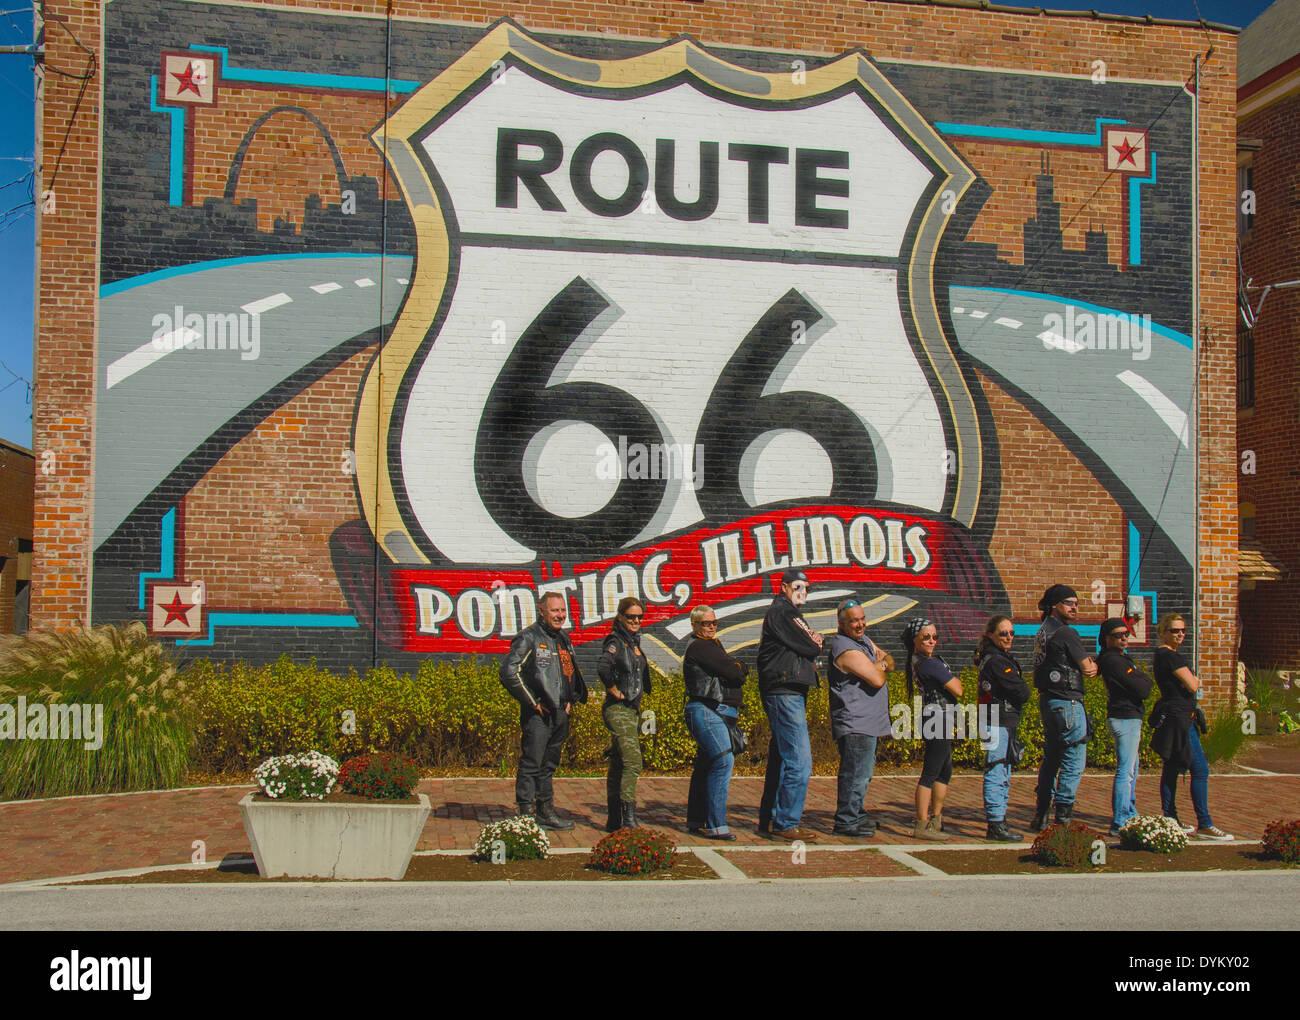 Les Coyotes Malaga club de moto l'itinéraire est affiché 66 murale dans Pontiac, Illinois, une ville le long de Banque D'Images